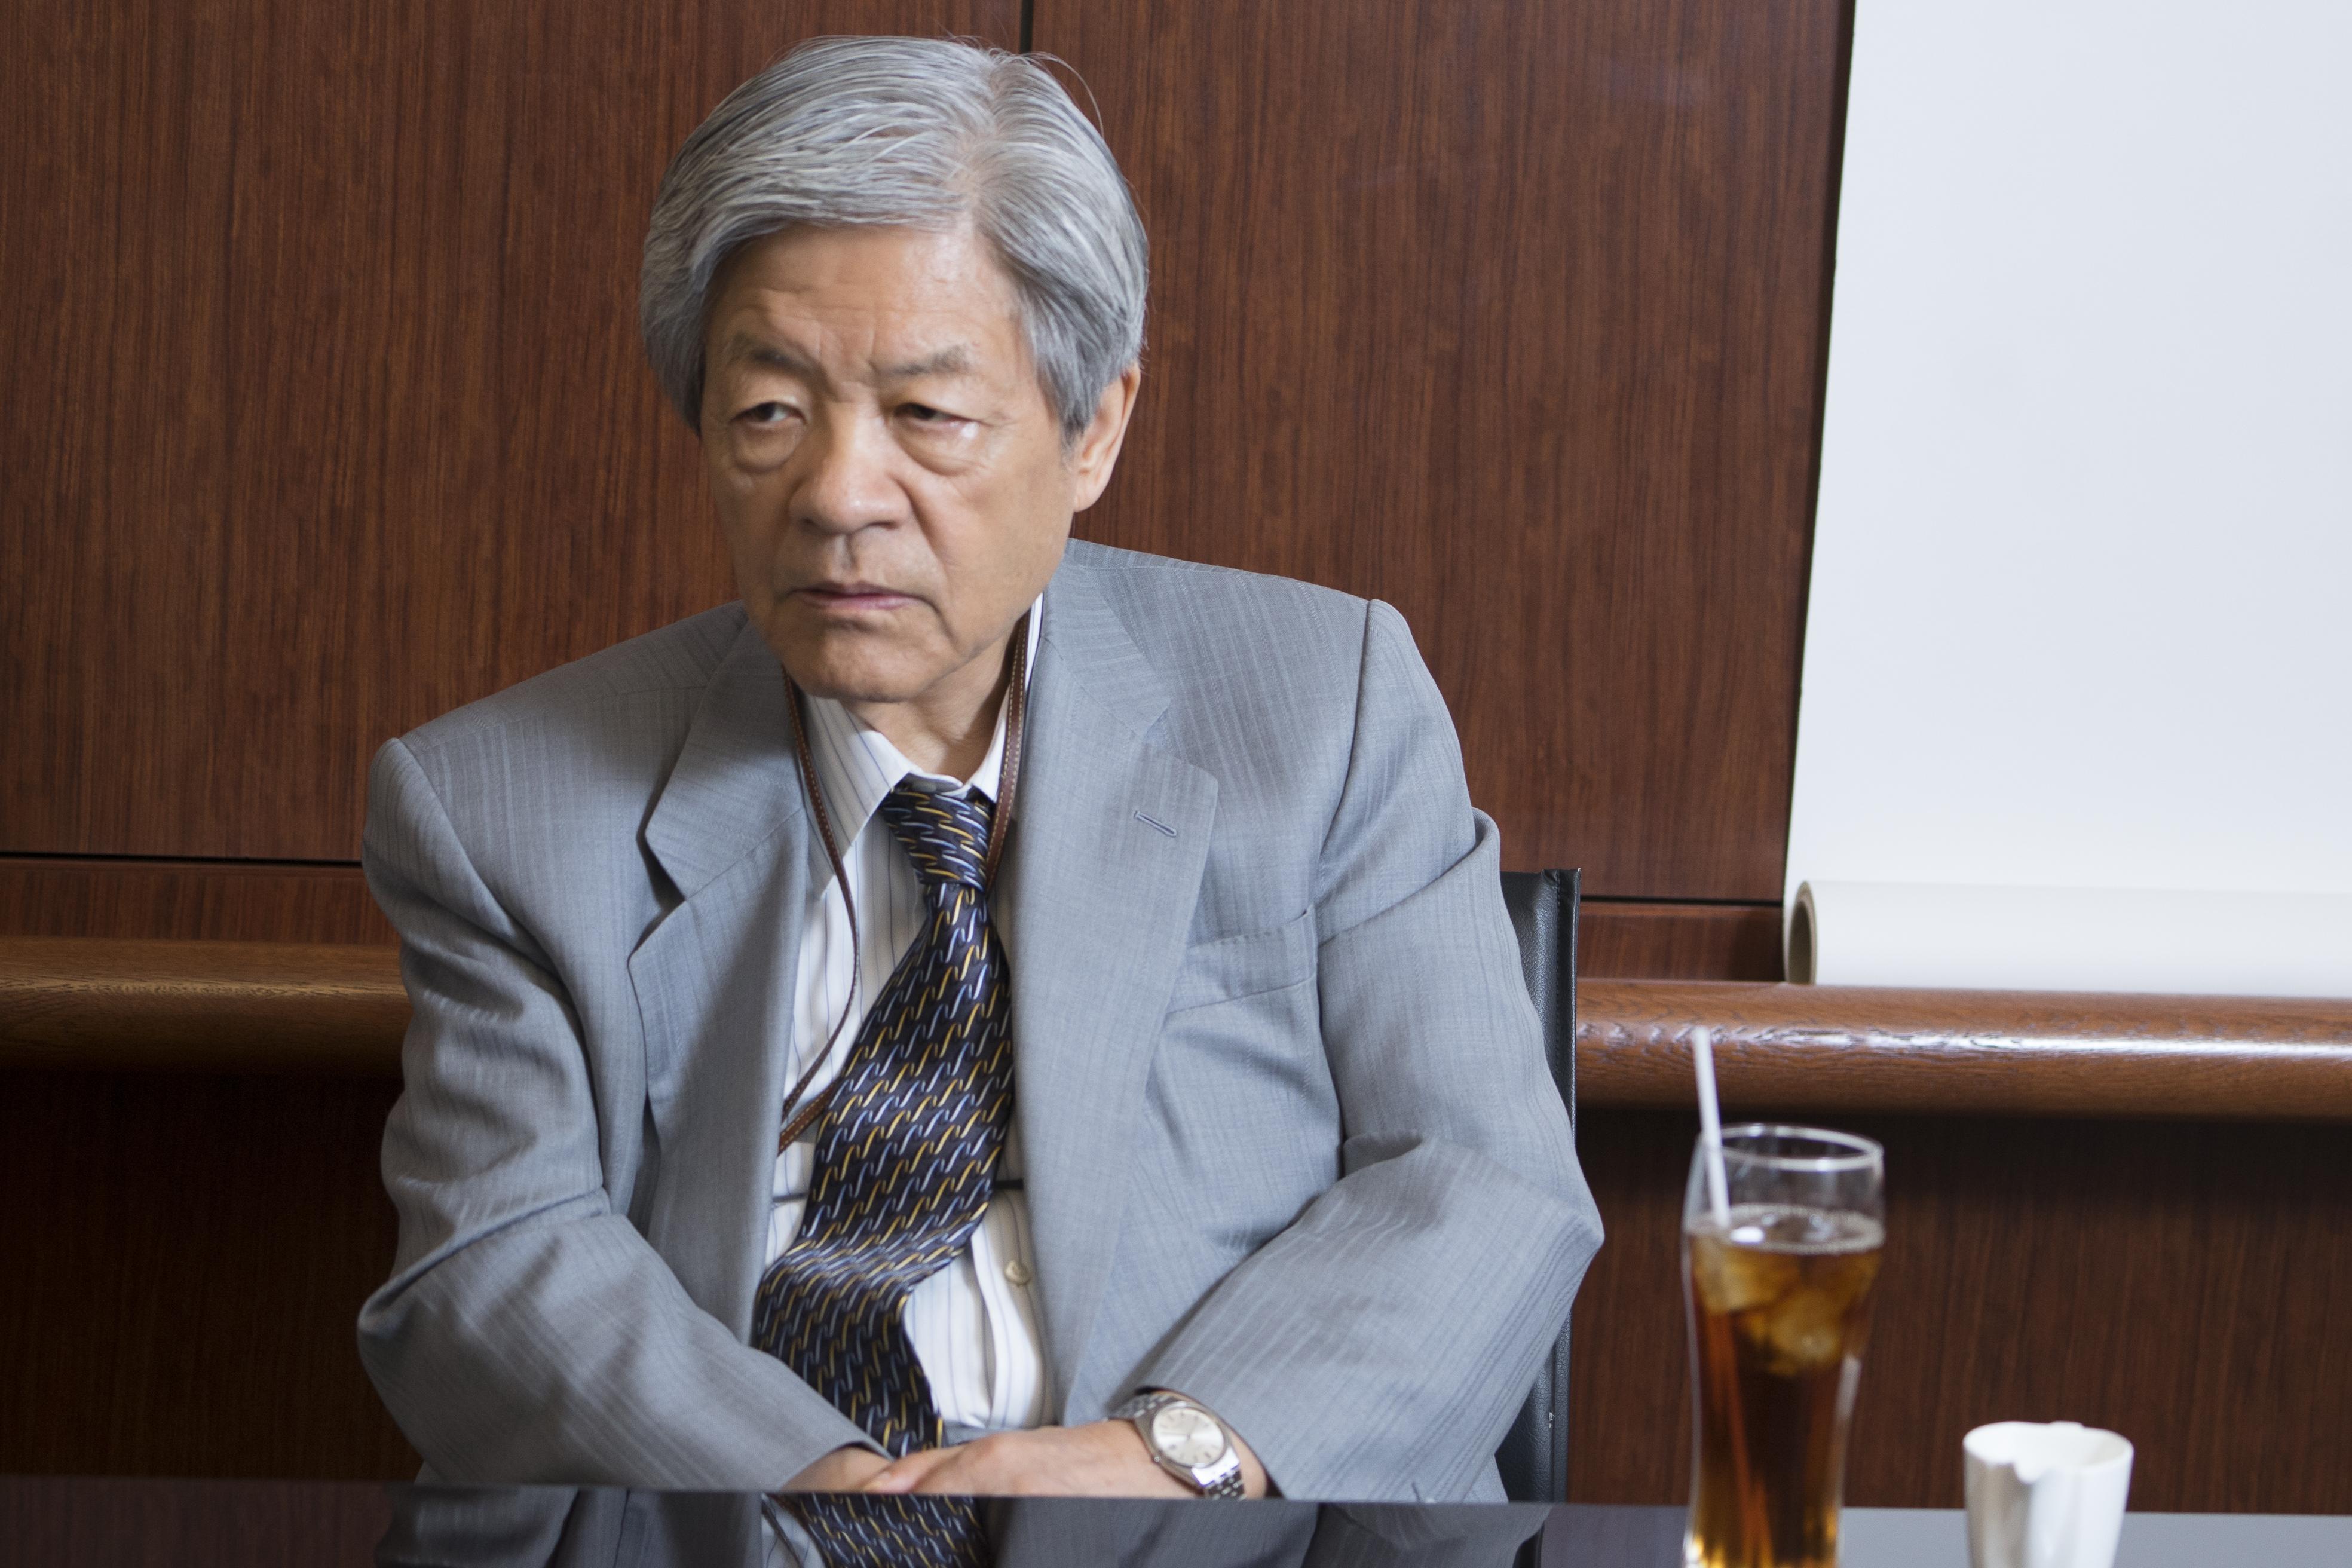 田原総一朗 「吉田茂をはじめとした歴代に首相たちは、アメリカがやる戦争に巻き込まれないために、9条の改正を行ってこなかった」